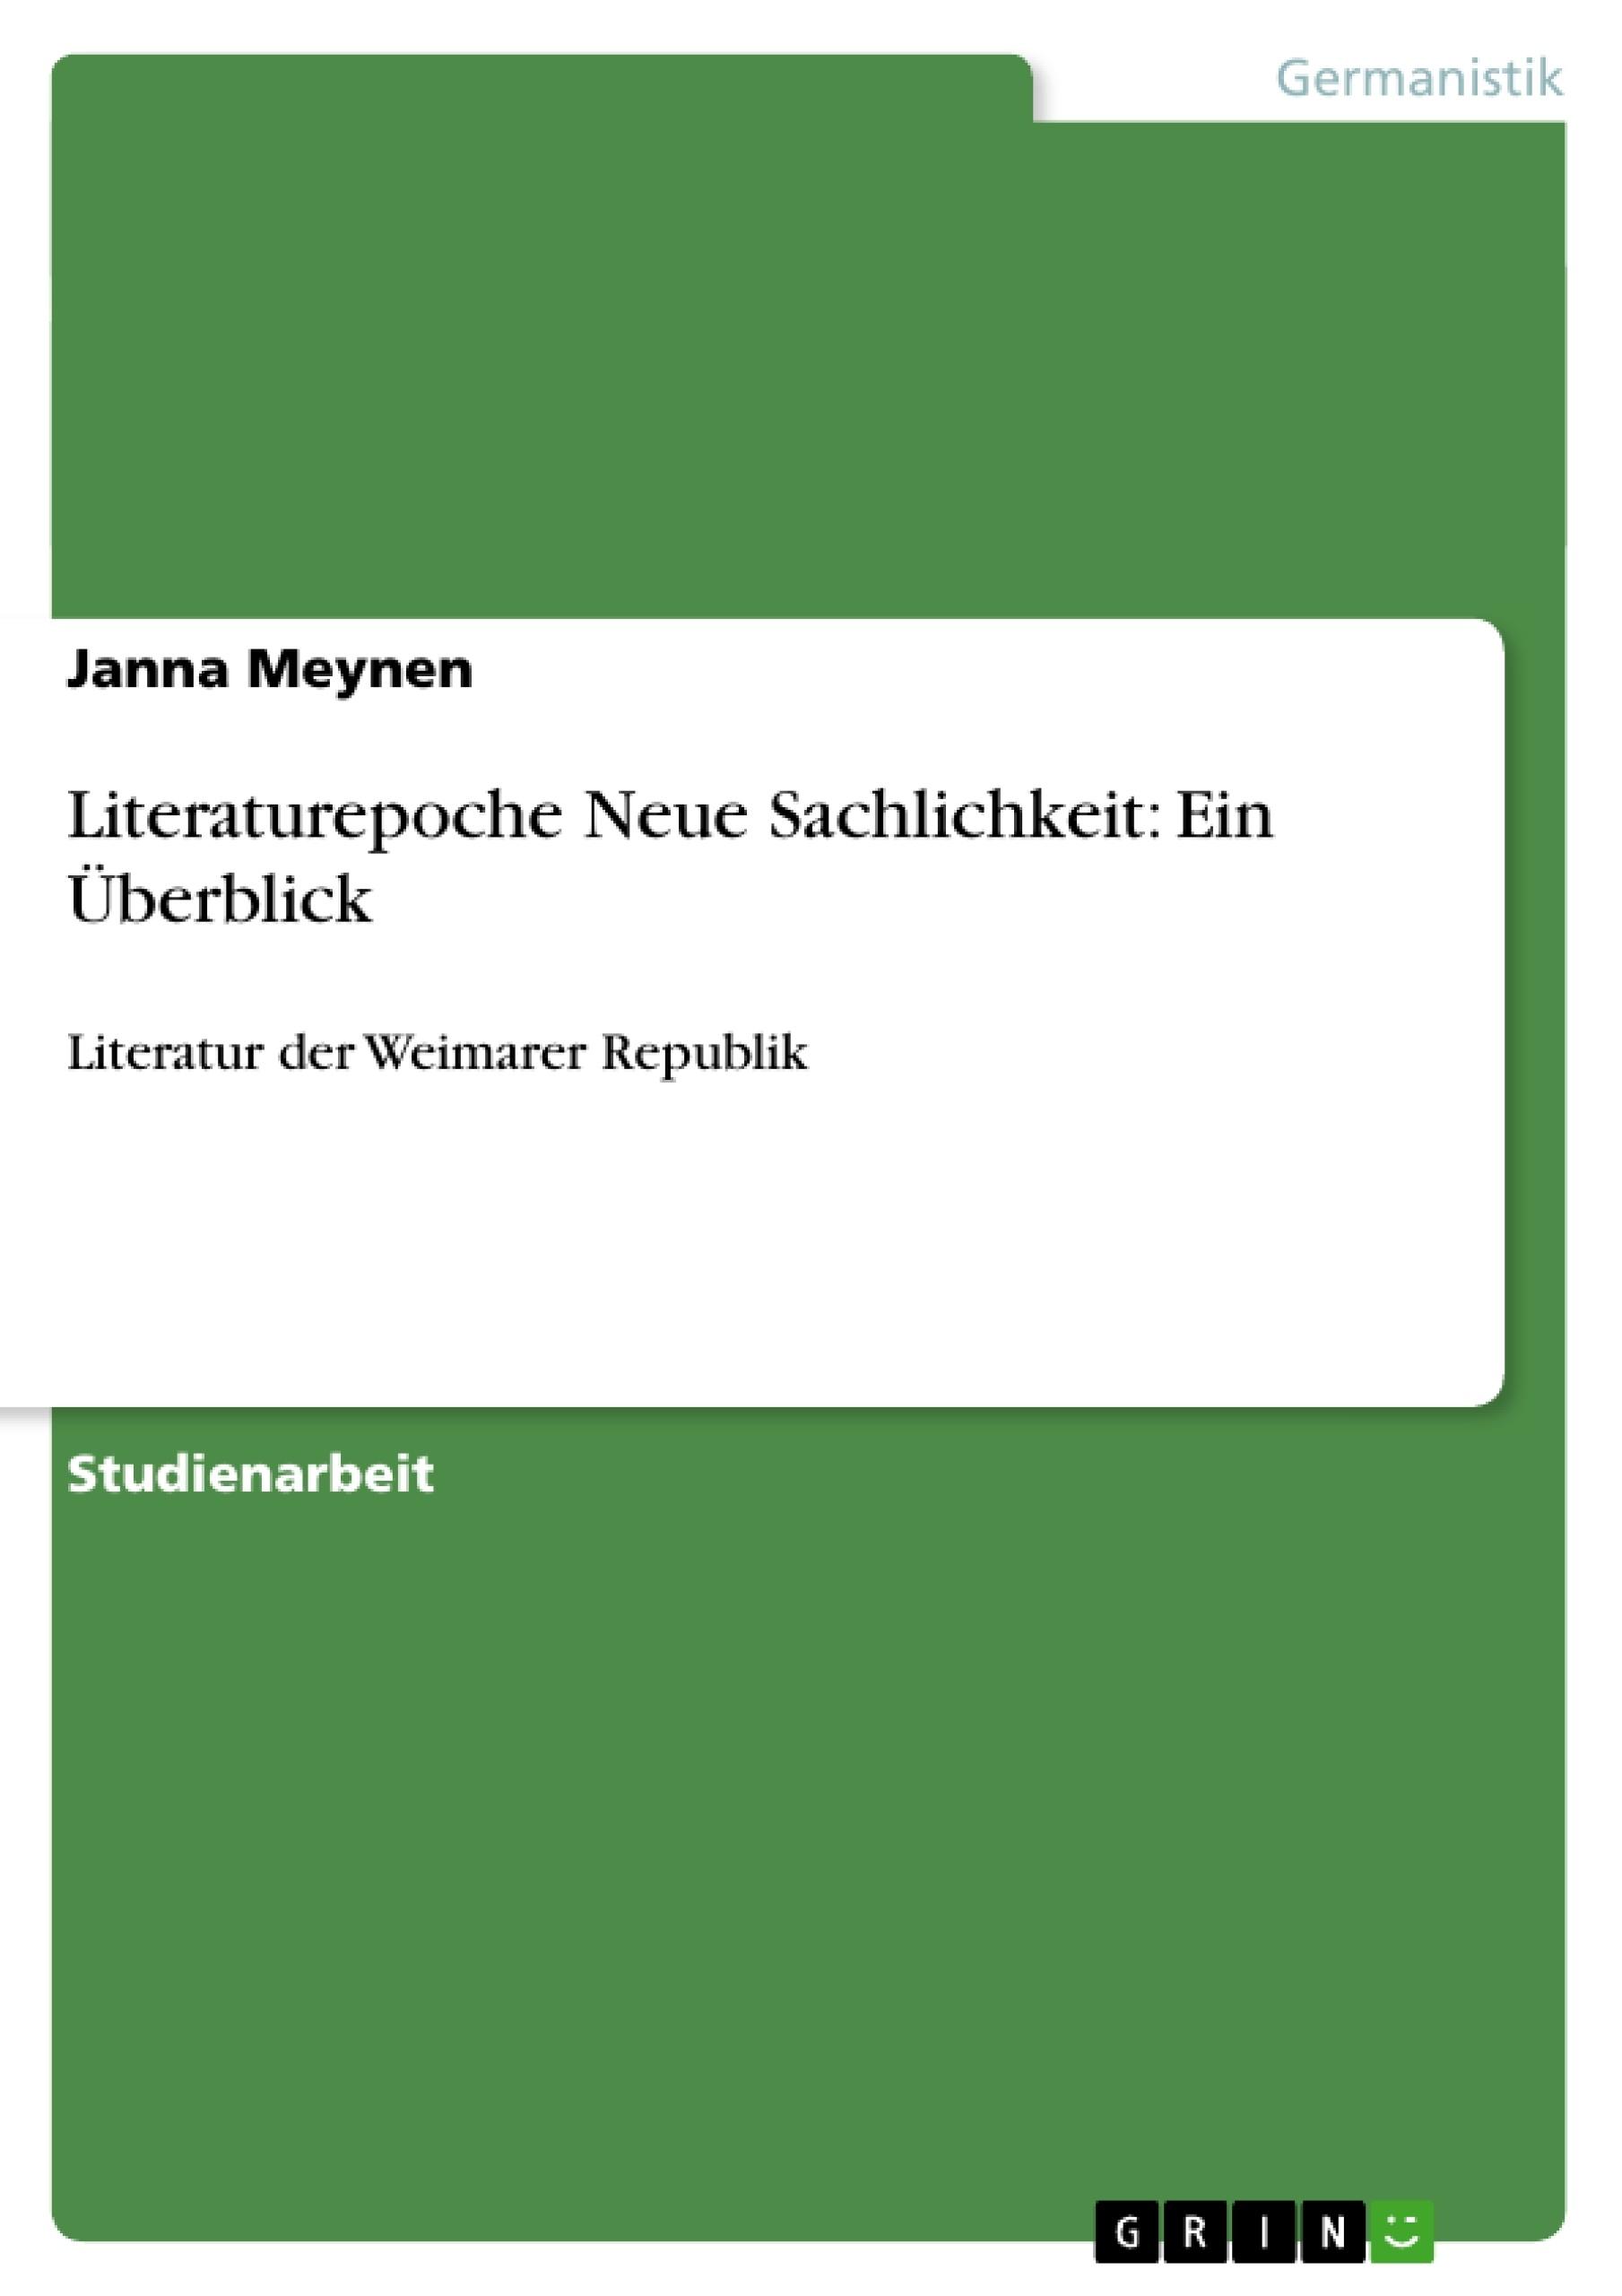 Titel: Literaturepoche Neue Sachlichkeit: Ein Überblick